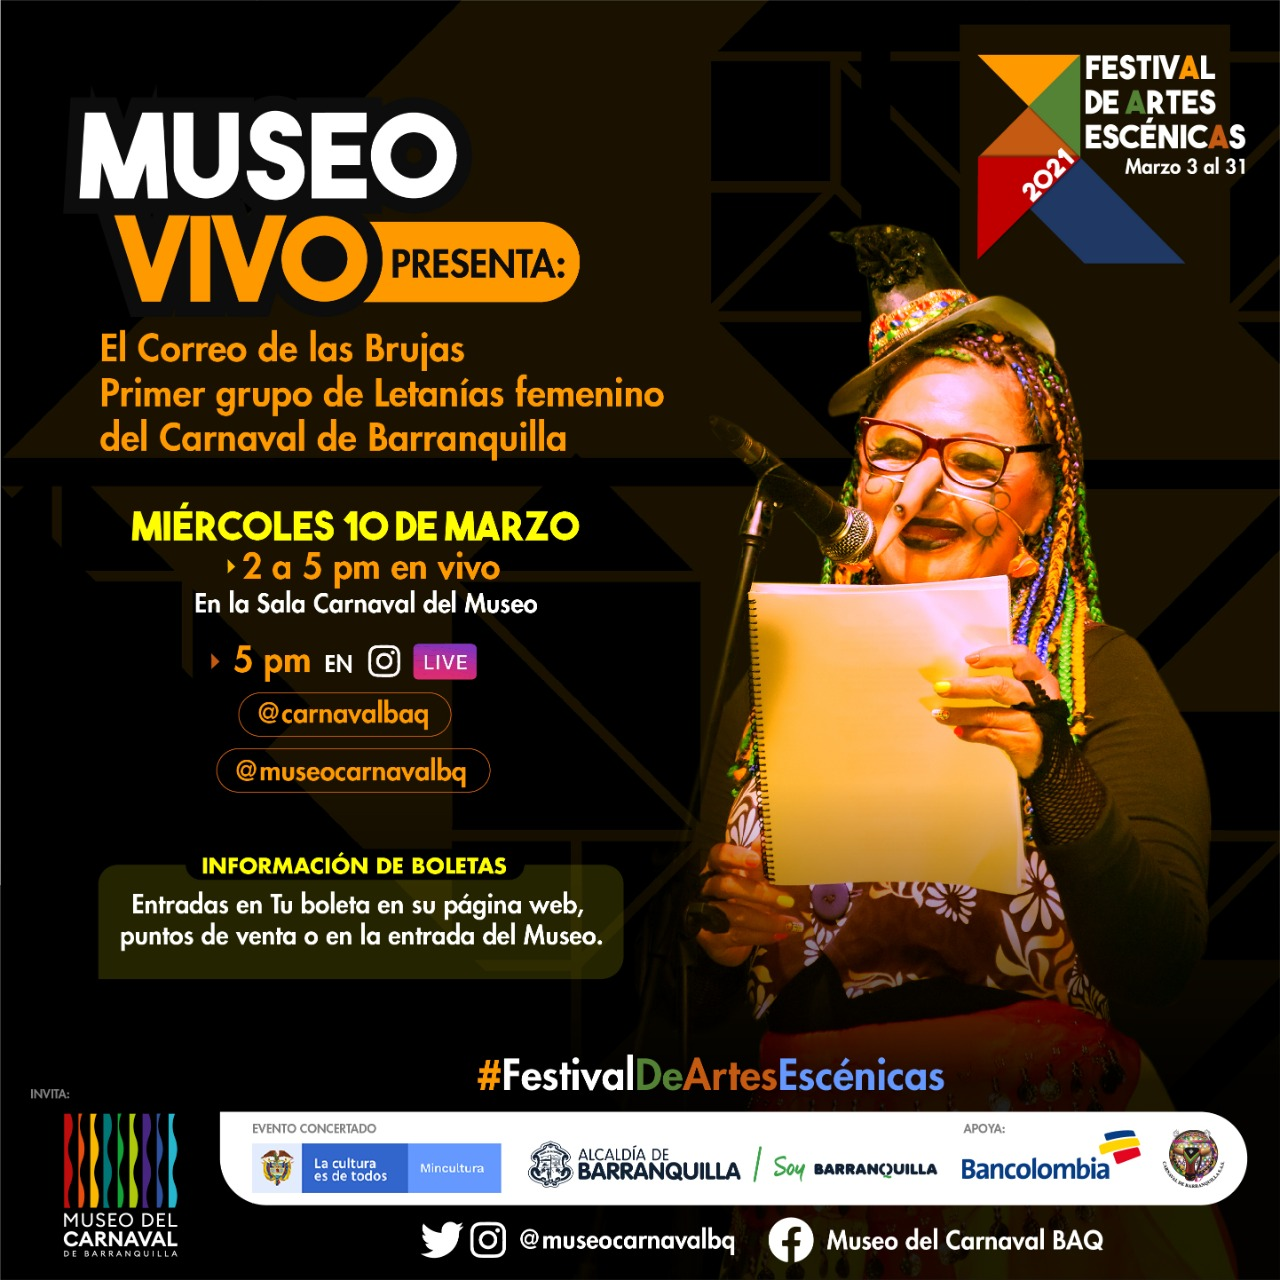 ¡Todos al Museo del Carnaval de Barranquilla! Continúa el Festival de Artes Escénicas con Museo en Vivo, Nocturno y Kids